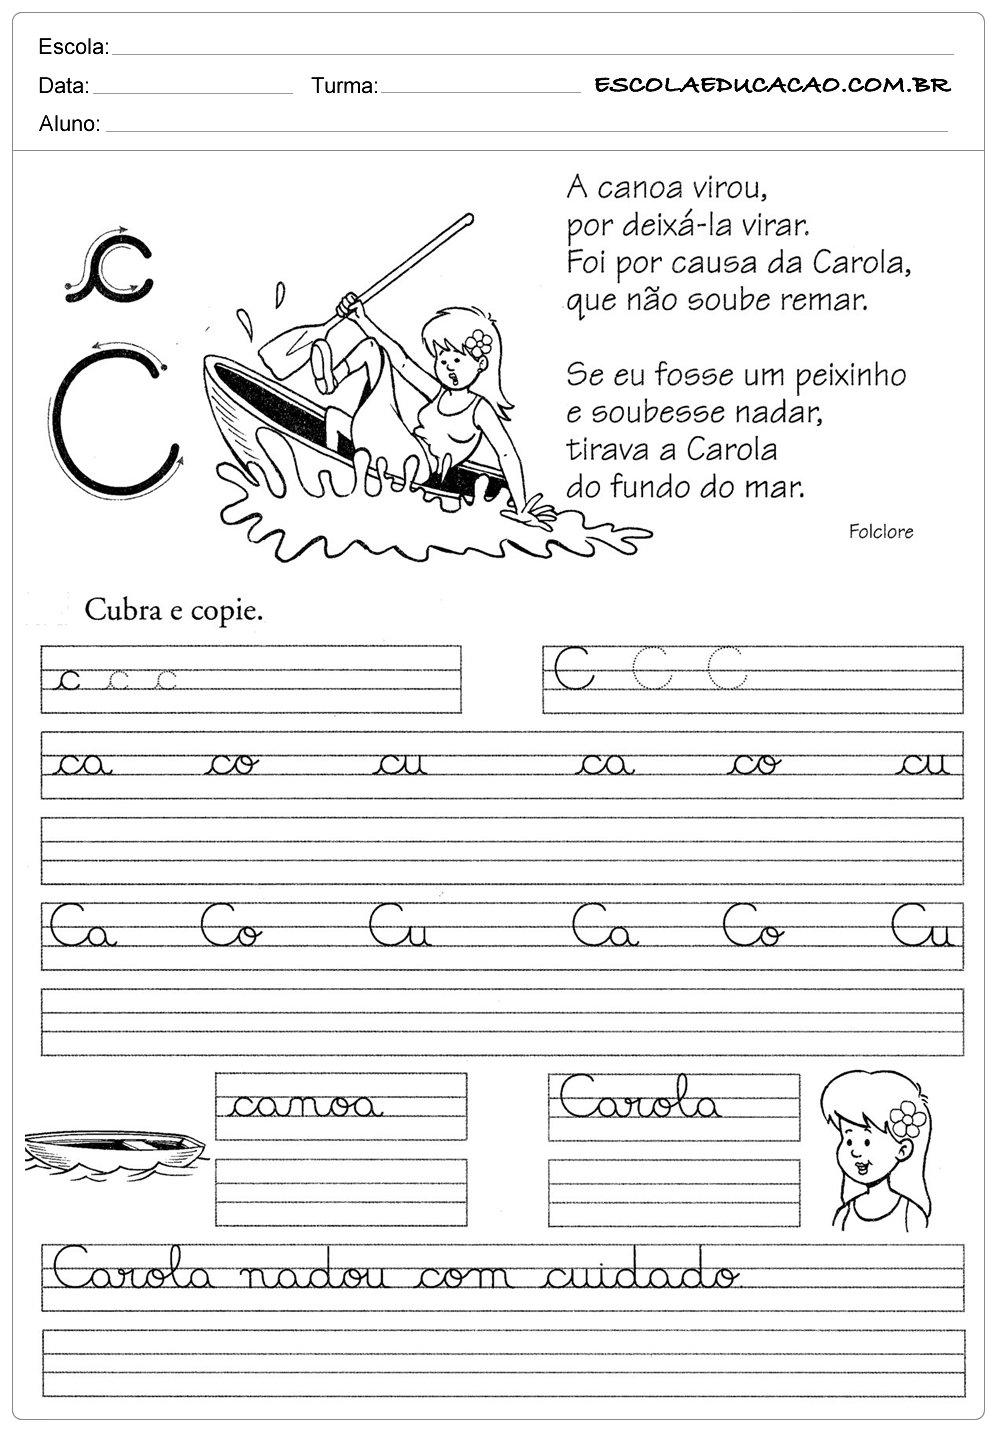 Atividade de caligrafia letra C